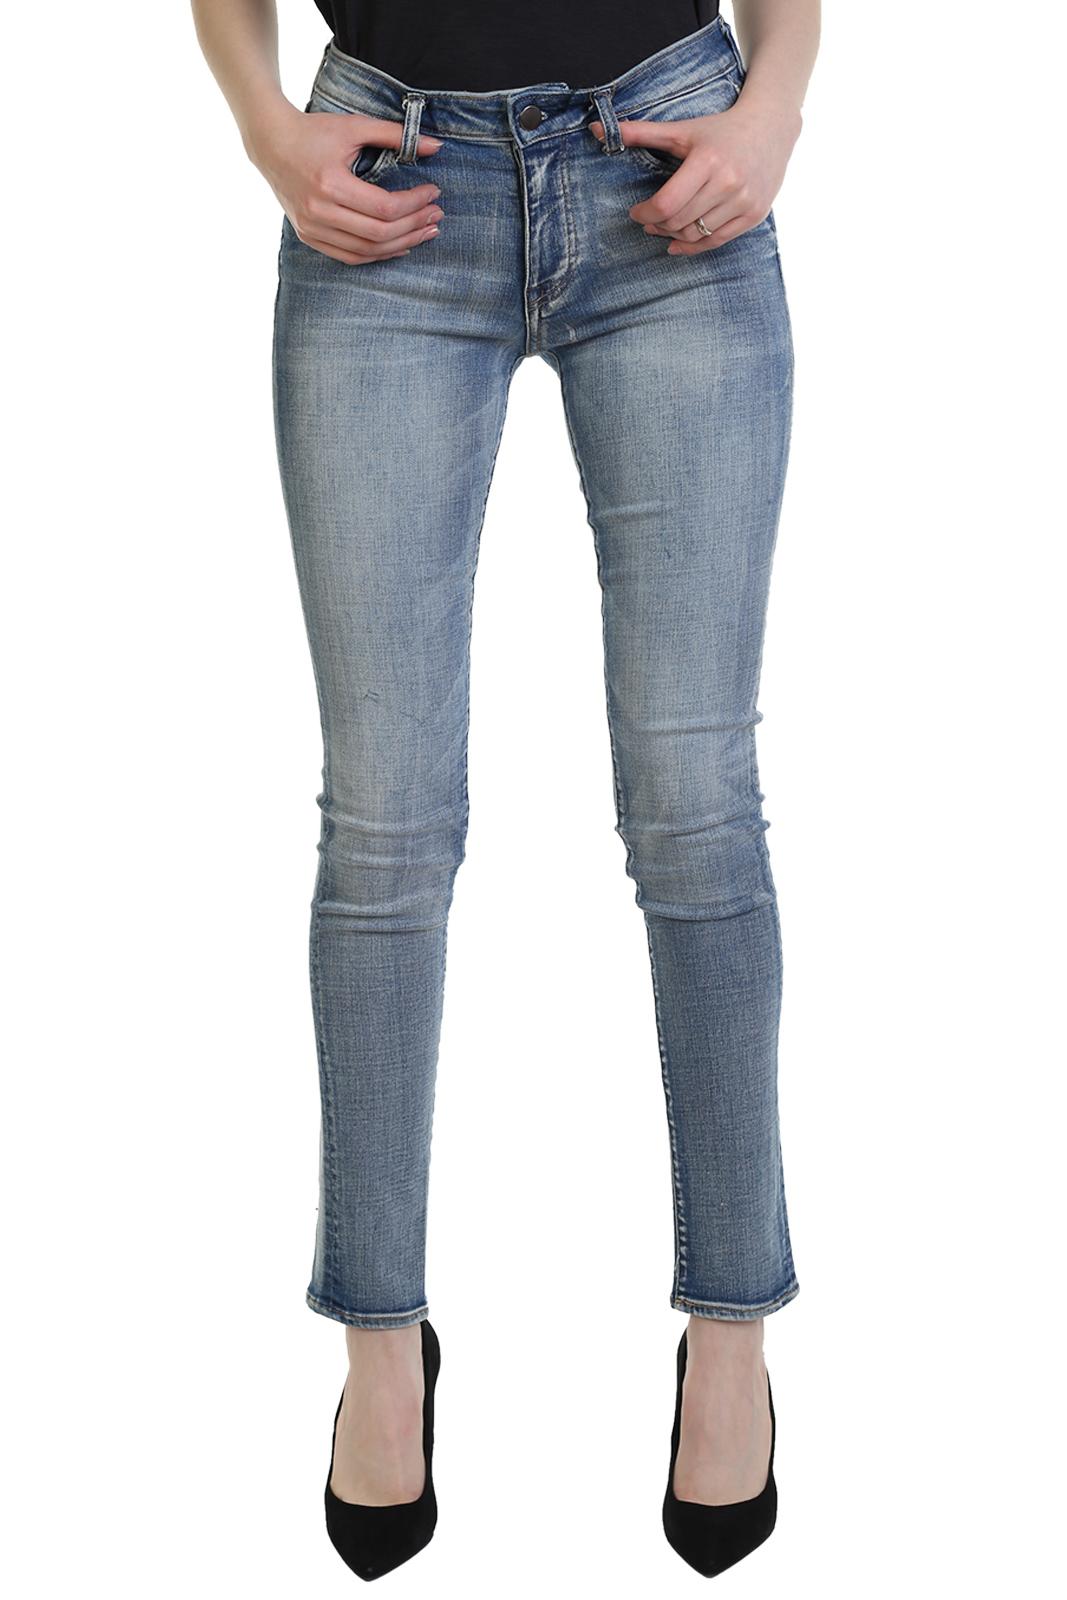 Недорогие женские джинсы в обтяжку